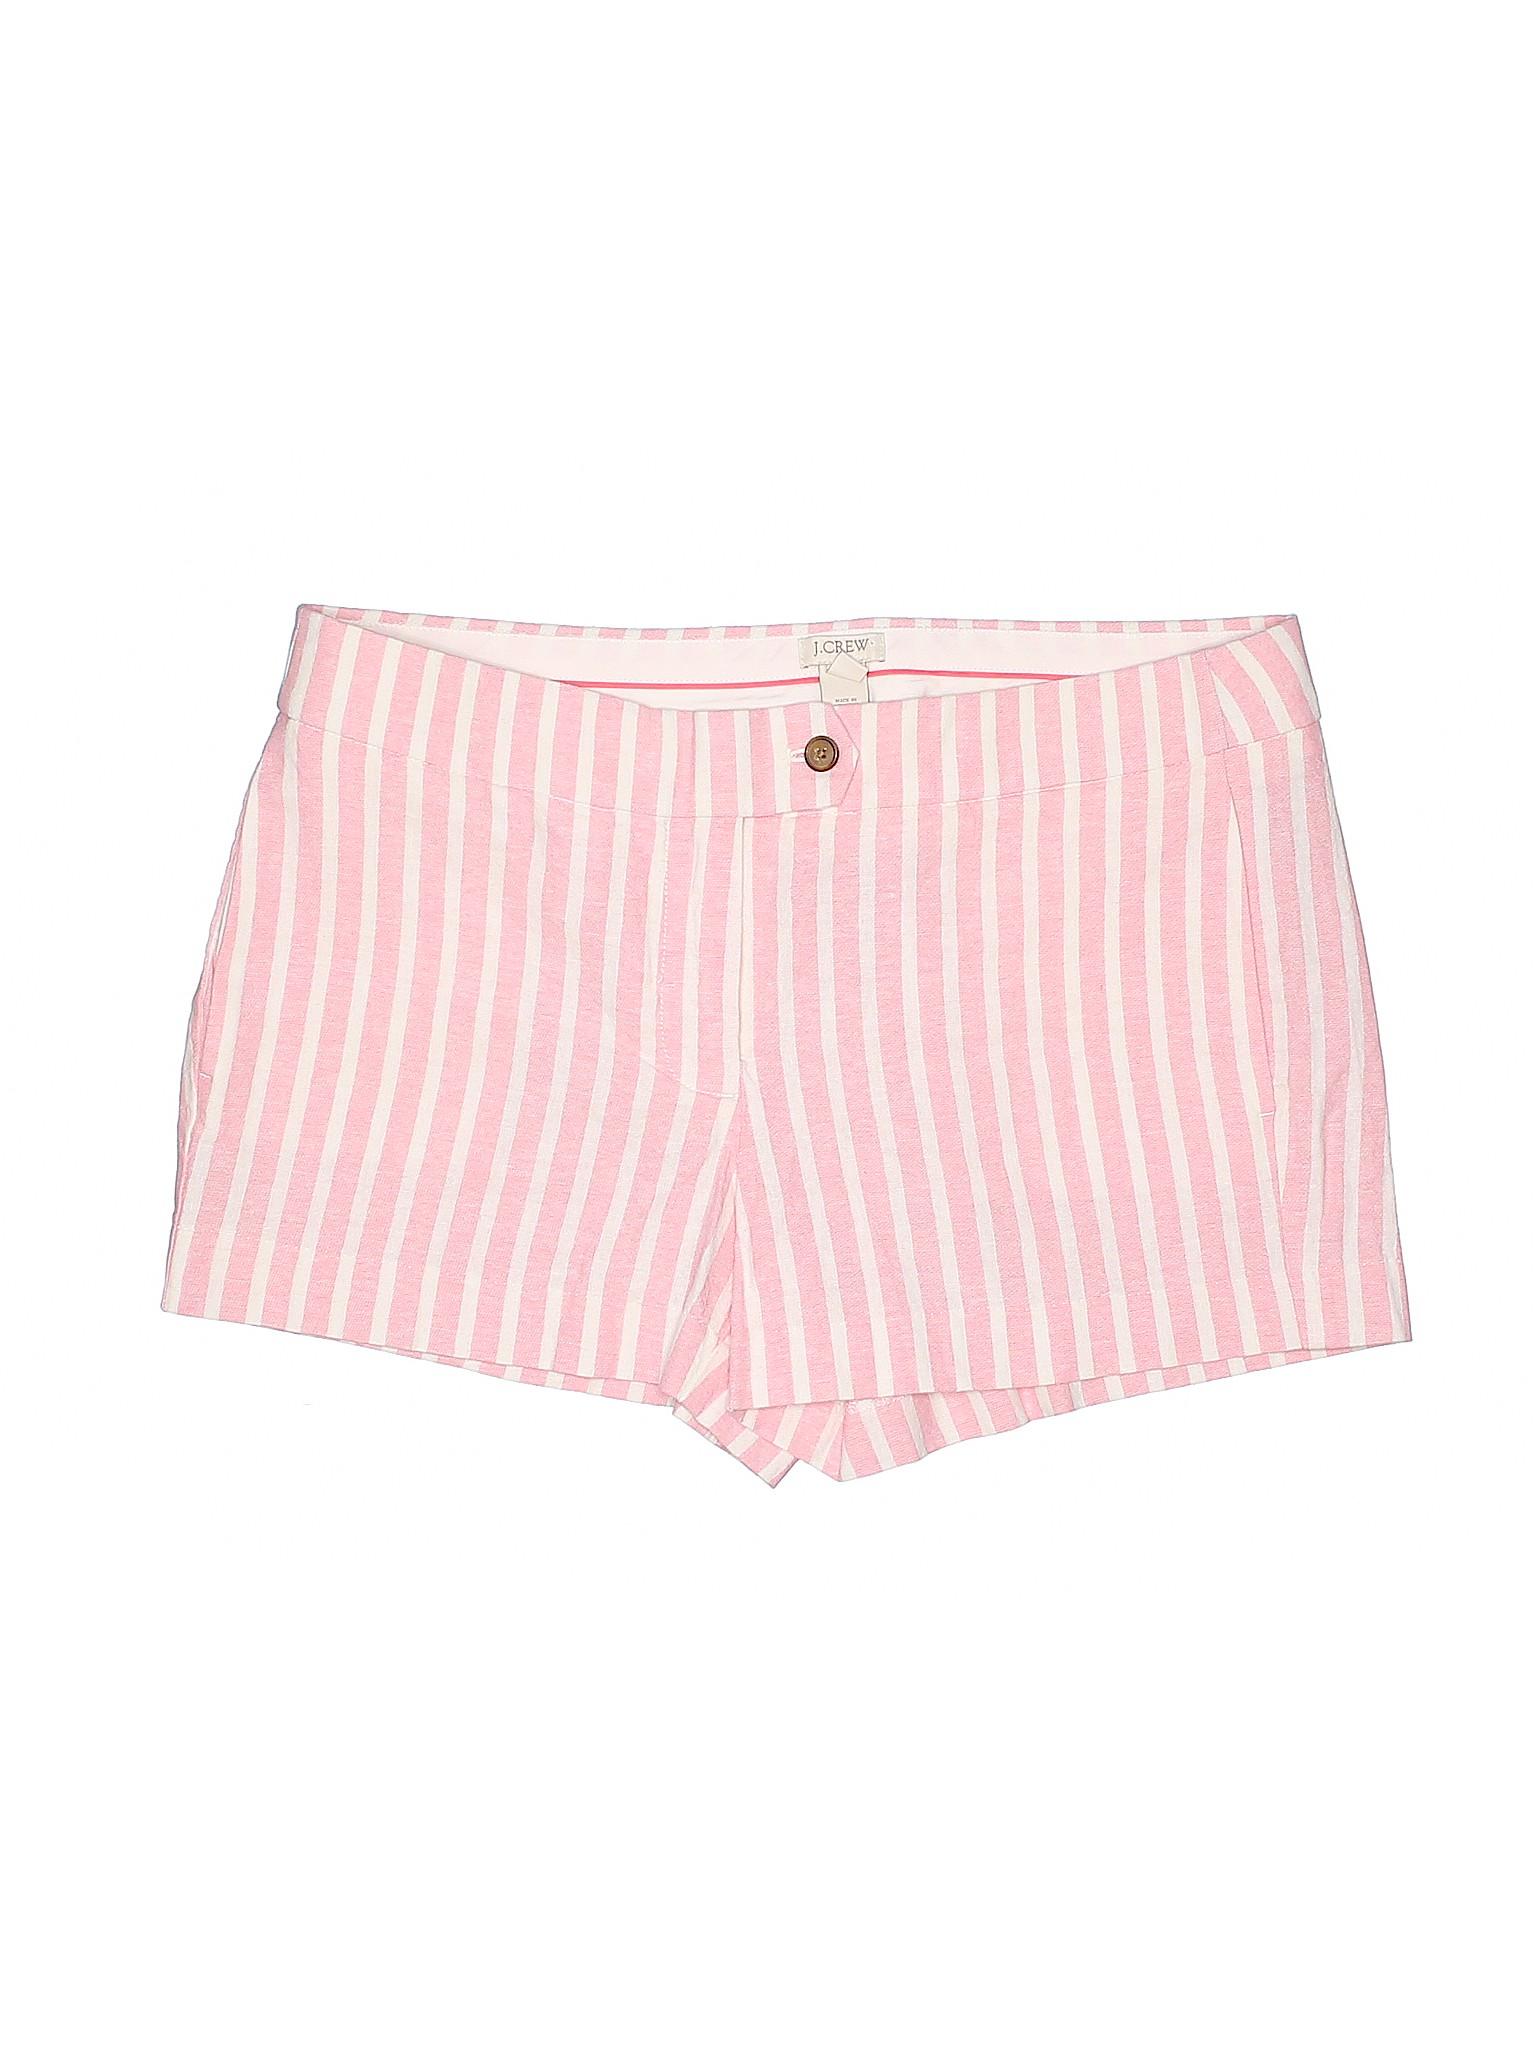 Factory J Khaki Store Shorts Boutique Crew q408W